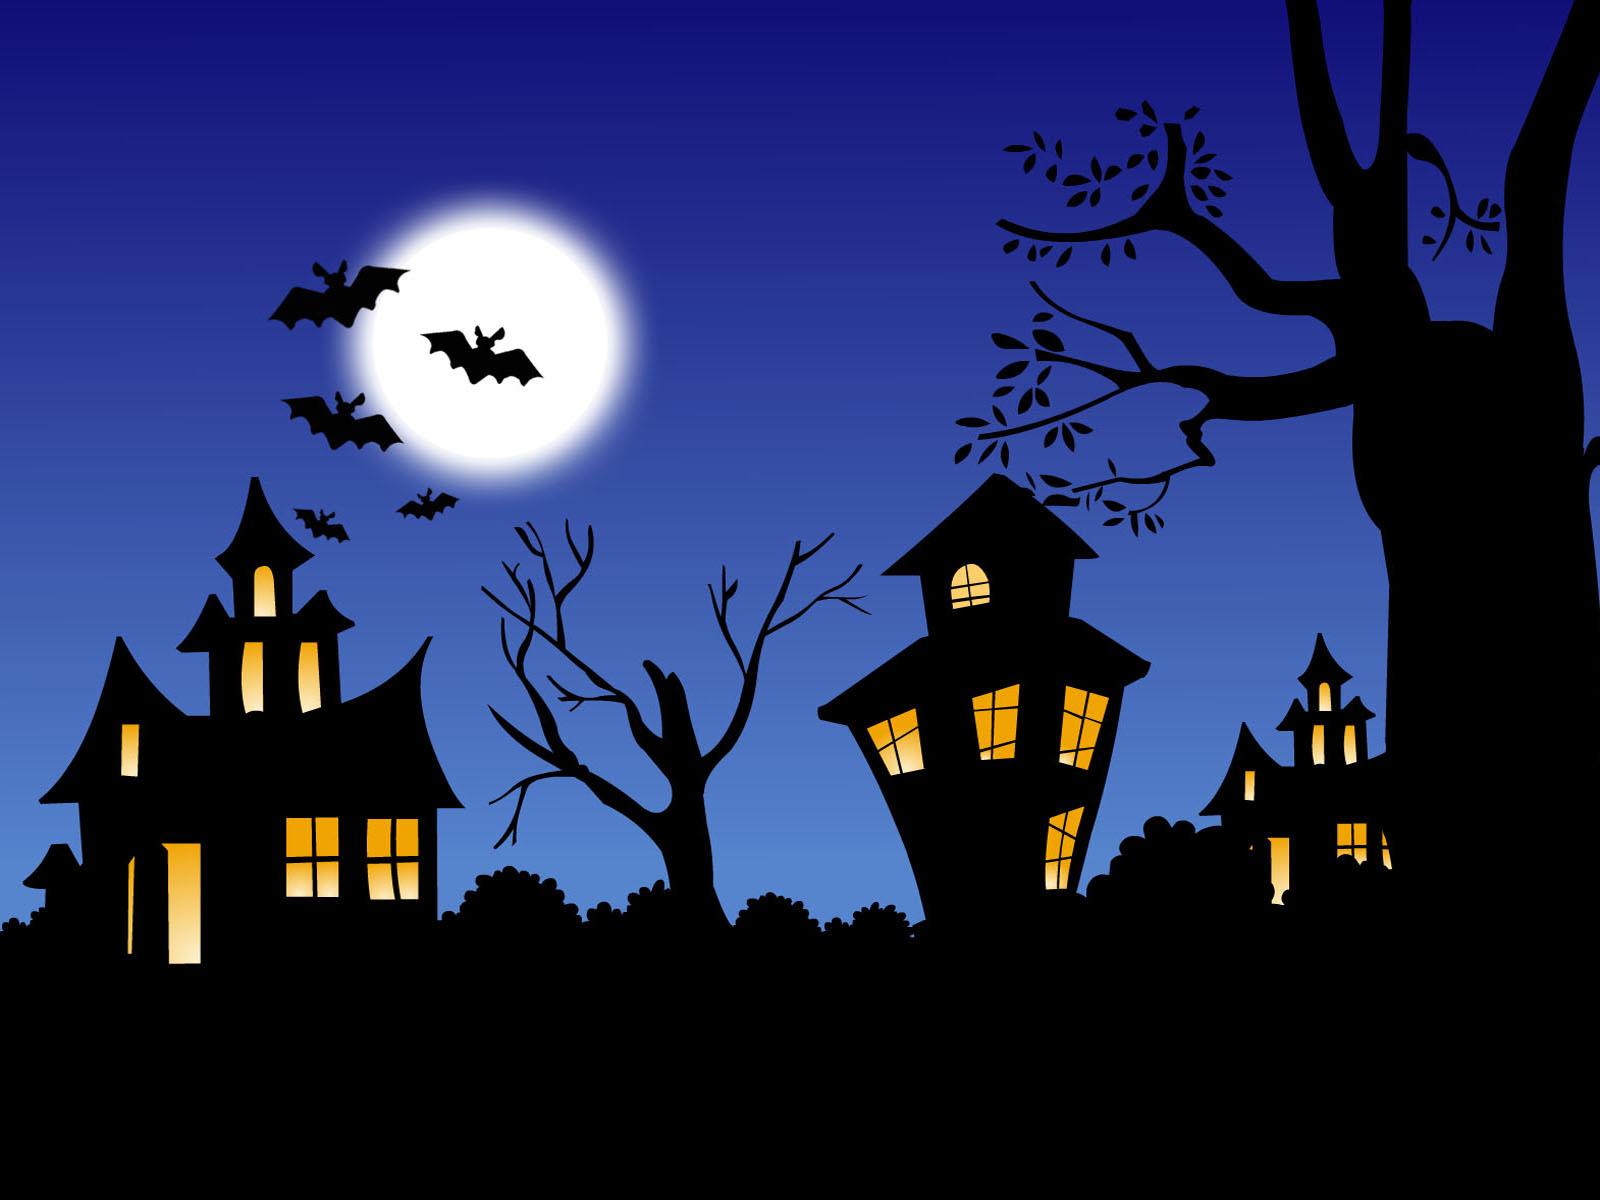 http://2.bp.blogspot.com/-YPn9-pQ0lTg/TlqQN5Kt-RI/AAAAAAAAAPI/lSXXn66Ex60/s1600/halloween-wallpaper-large015.jpg